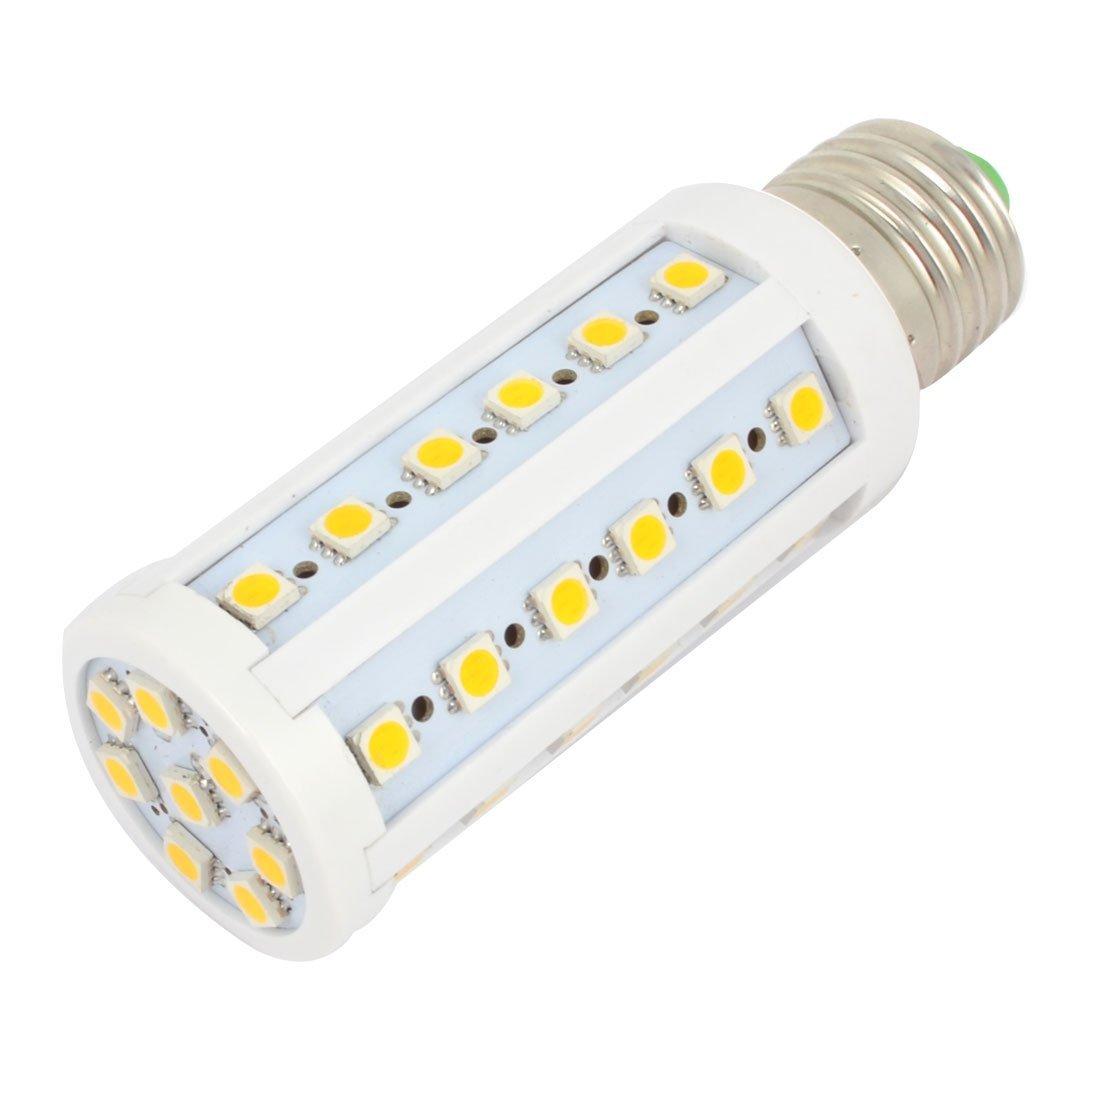 heschen 22/mm LED indicador luz piloto AD16/ /22d//S 24/VDC 20/mA rojo verde amarillo azul blanco color de la luz 5/unidades